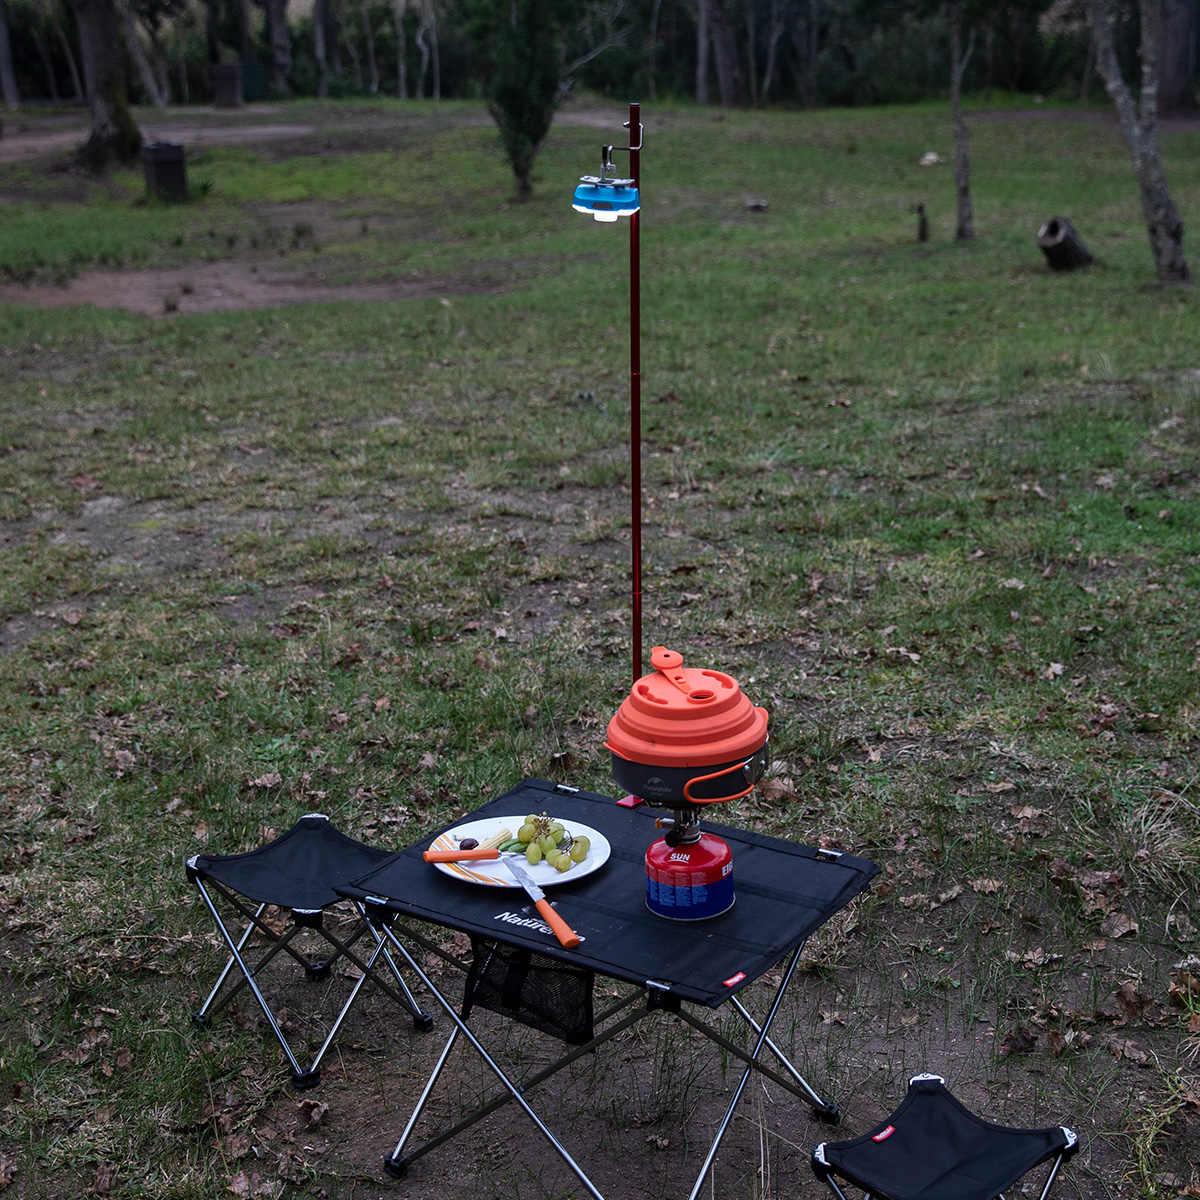 を Naturehike キャンプ折りたたみランプポールポータブル屋外ピクニック旅行軽量アルミテントライトサポート